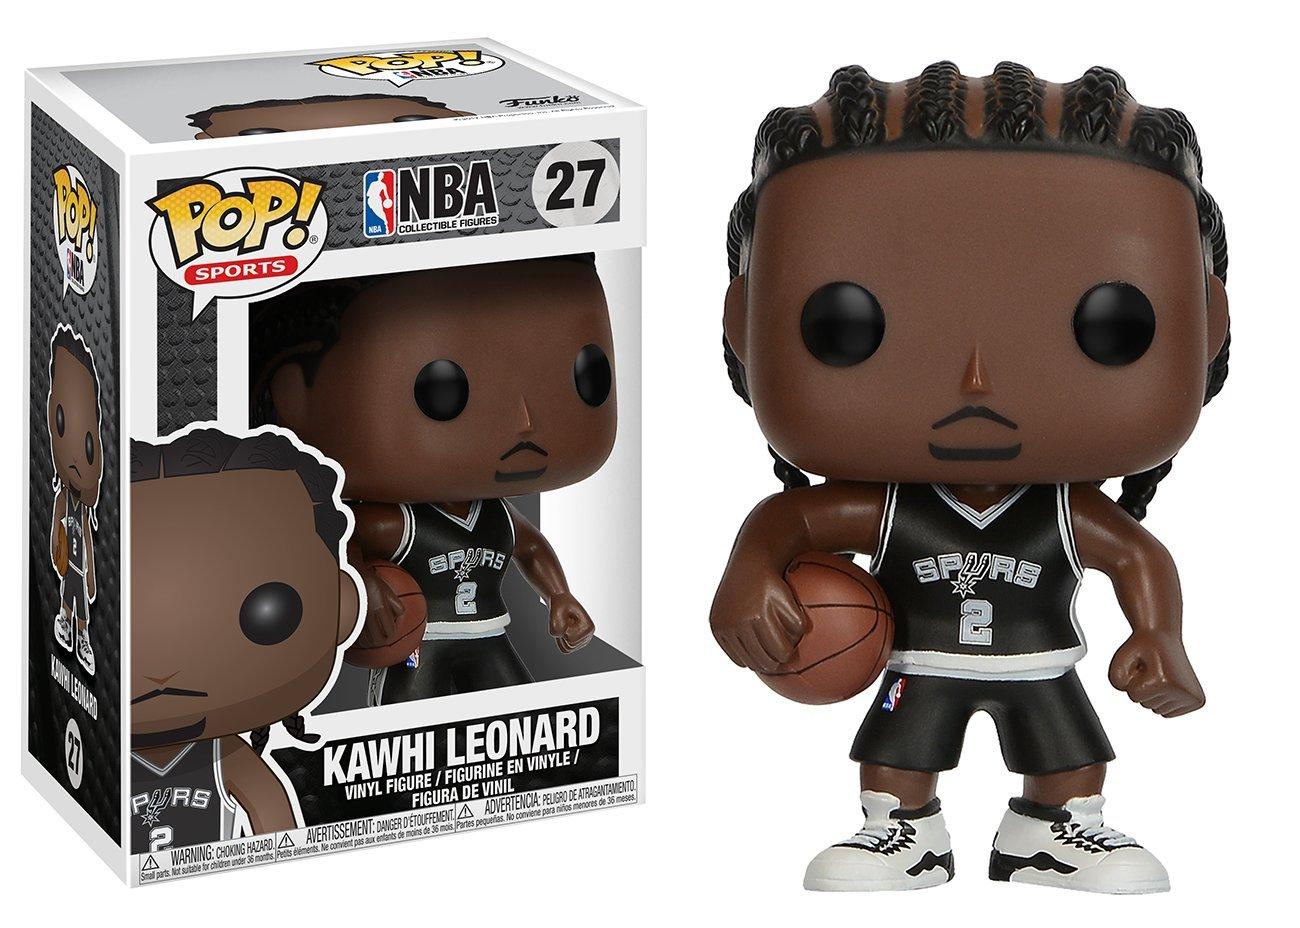 Funko Pop Kawhi Leonard San Antonio Spurs camiseta negra (NBA 27) Funko Pop NBA